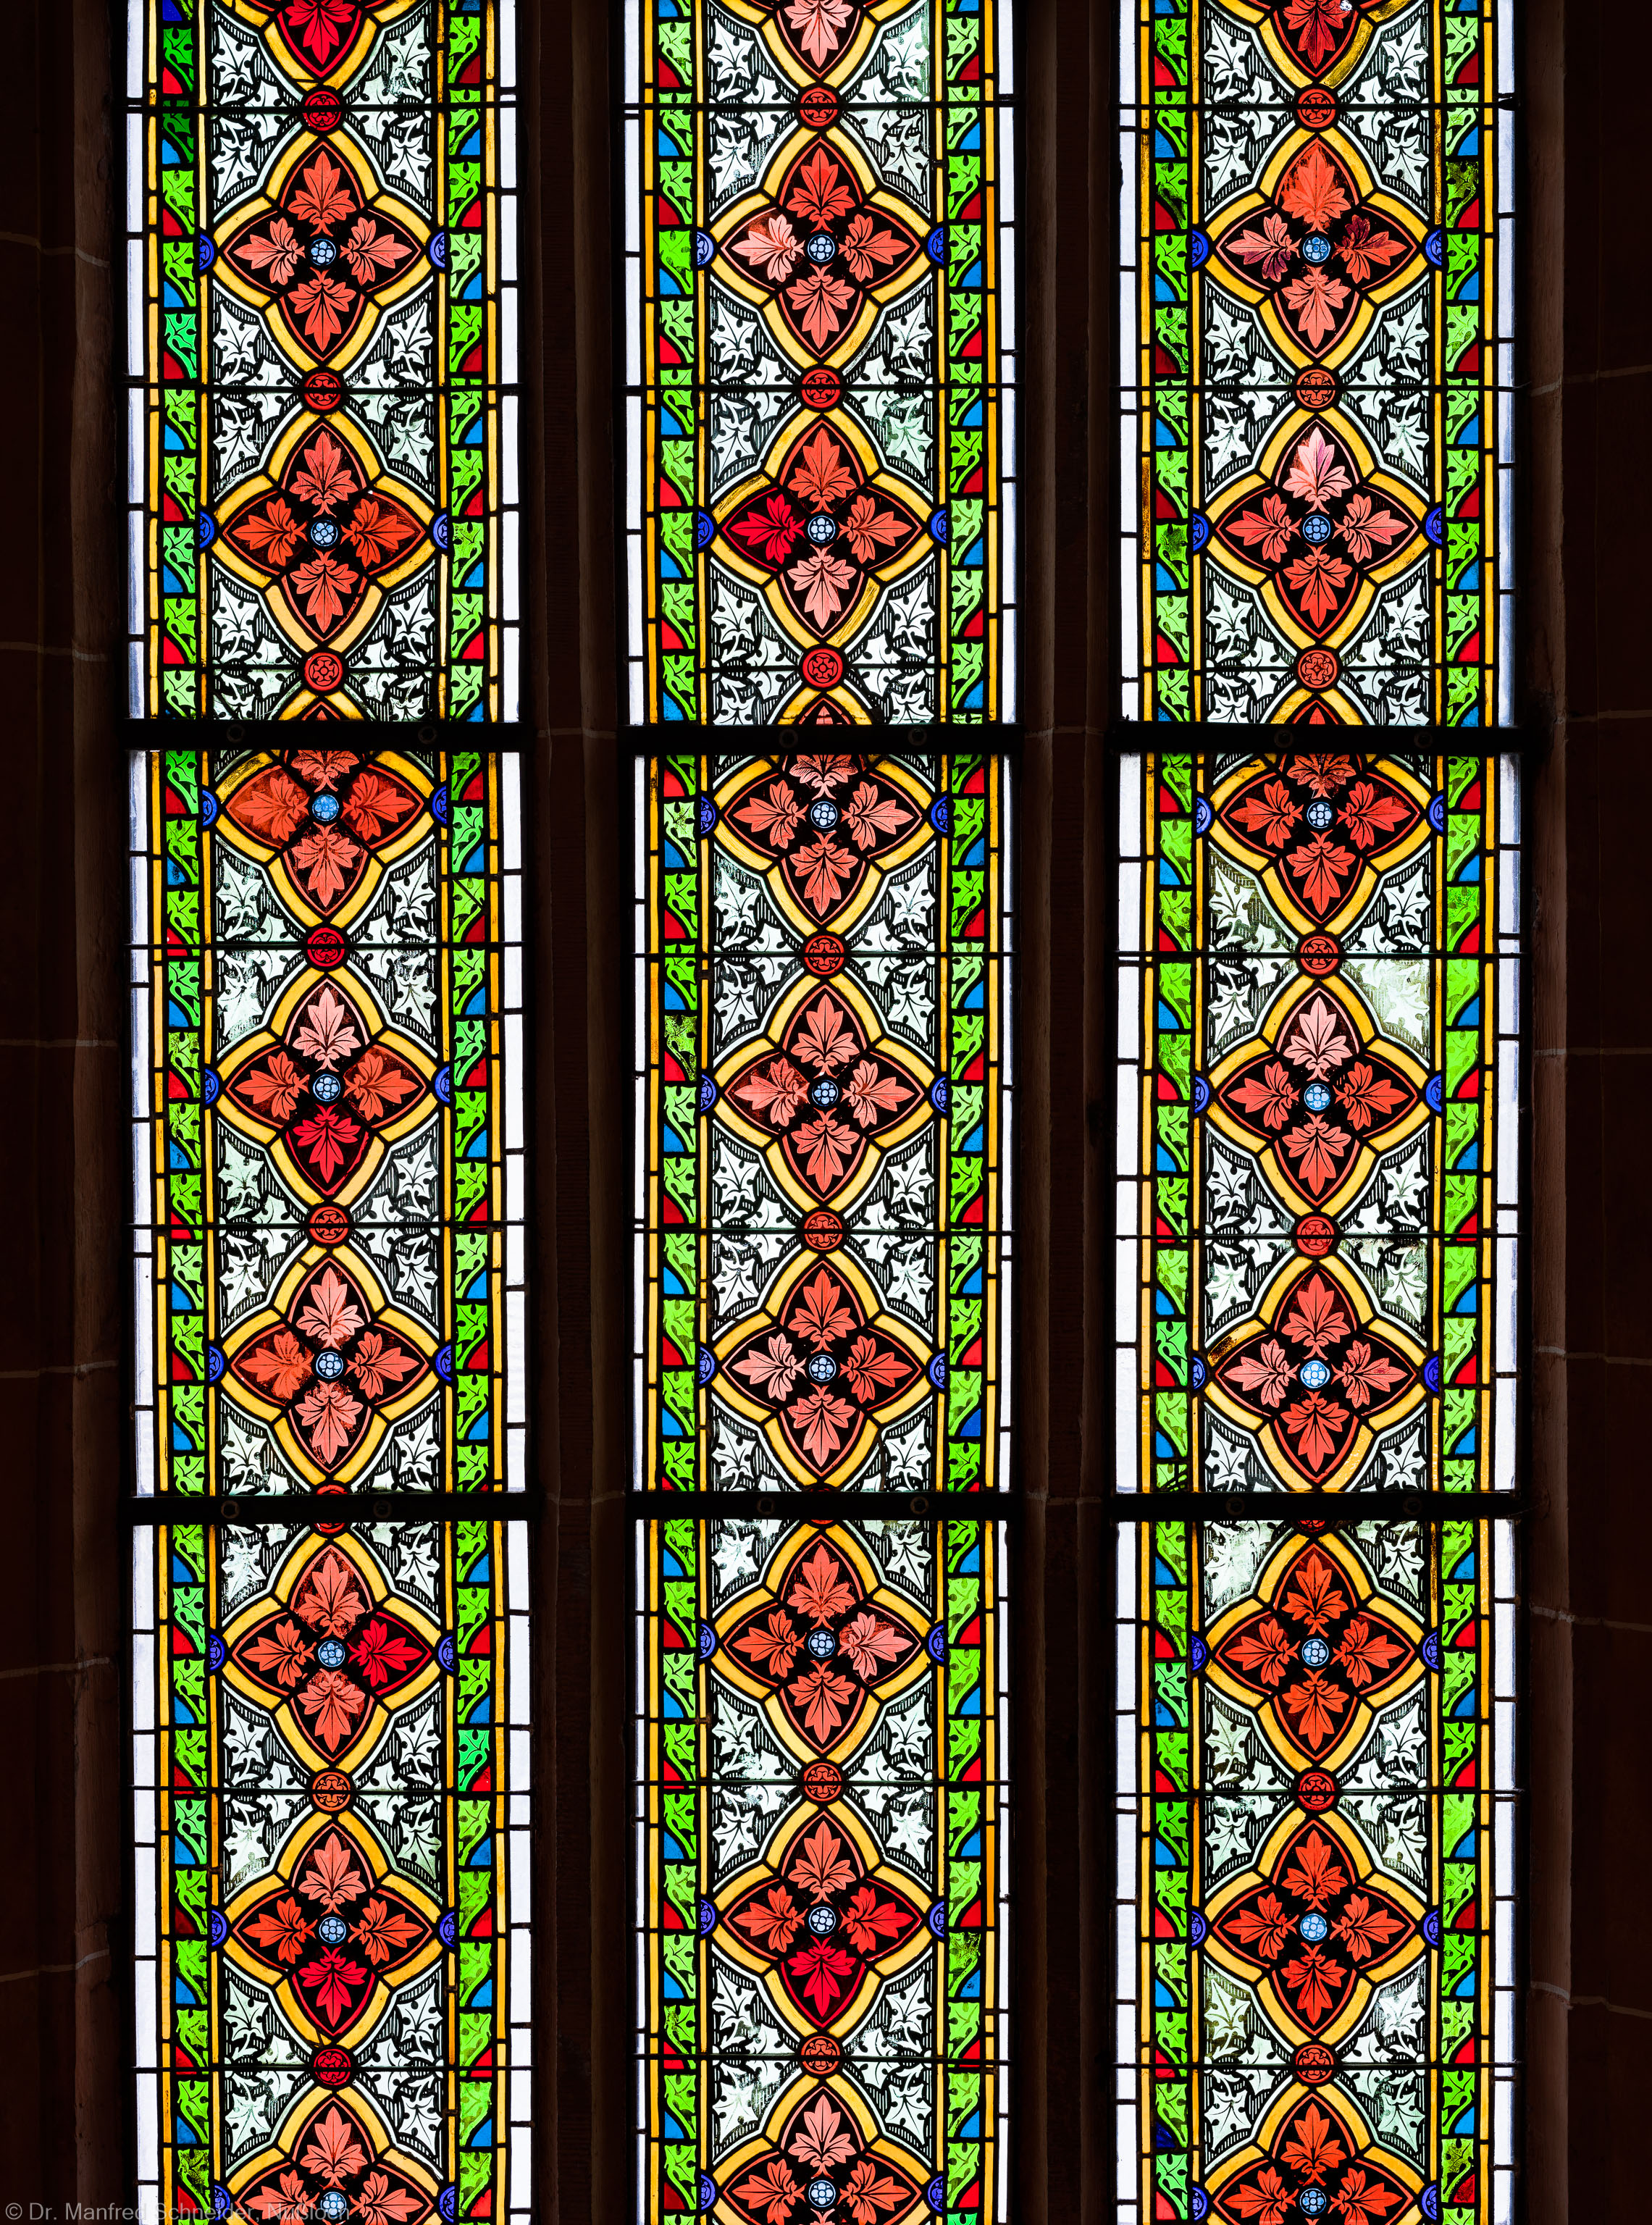 Heidelberg - Heiliggeistkirche - Südschiff - 2. Joch, von Westen aus gezählt - Ausschnitt aus dem Ornamentfenster (aufgenommen im Oktober 2015, am Nachmittag)